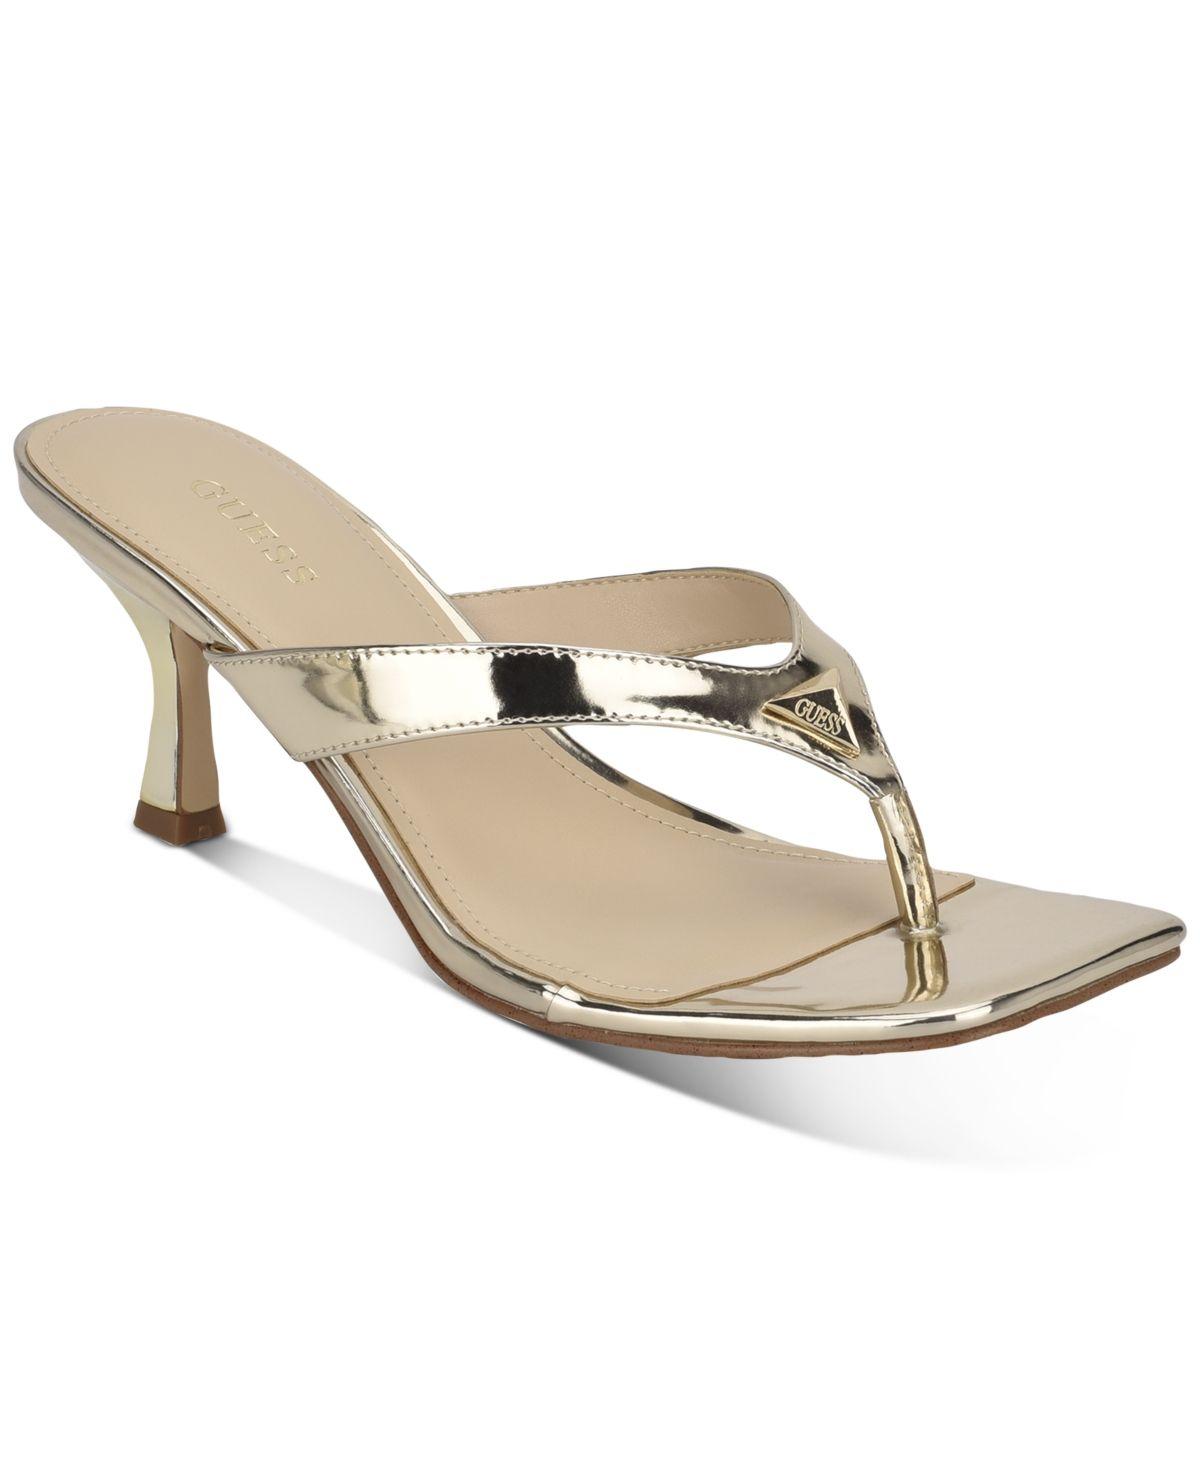 Guess Women S Amzie Dress Sandals Reviews Sandals Shoes Macy S In 2020 Dress Sandals Kitten Heels Sandals